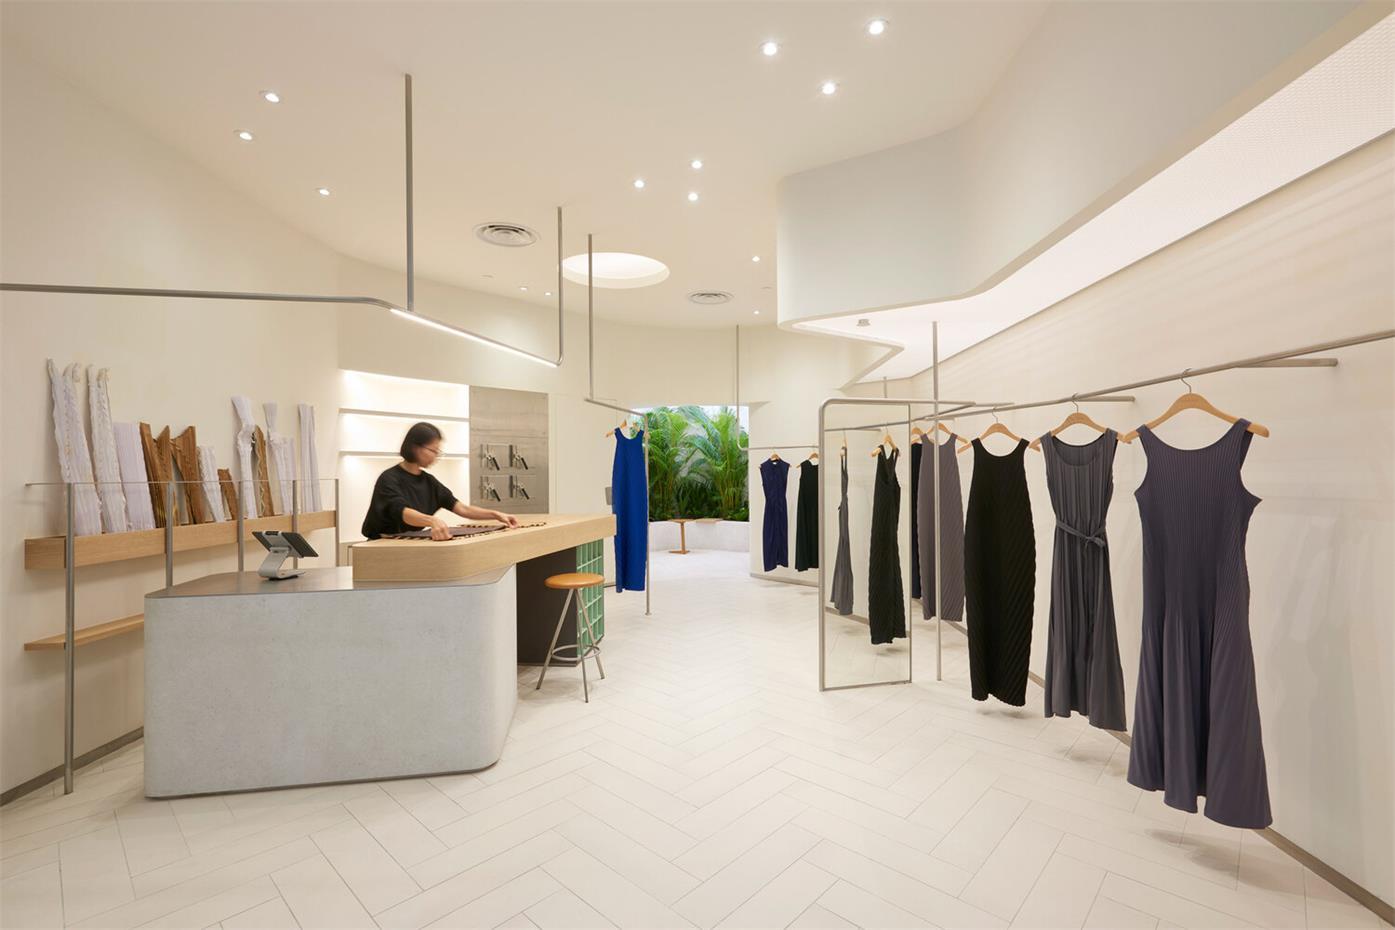 服装店设计概览